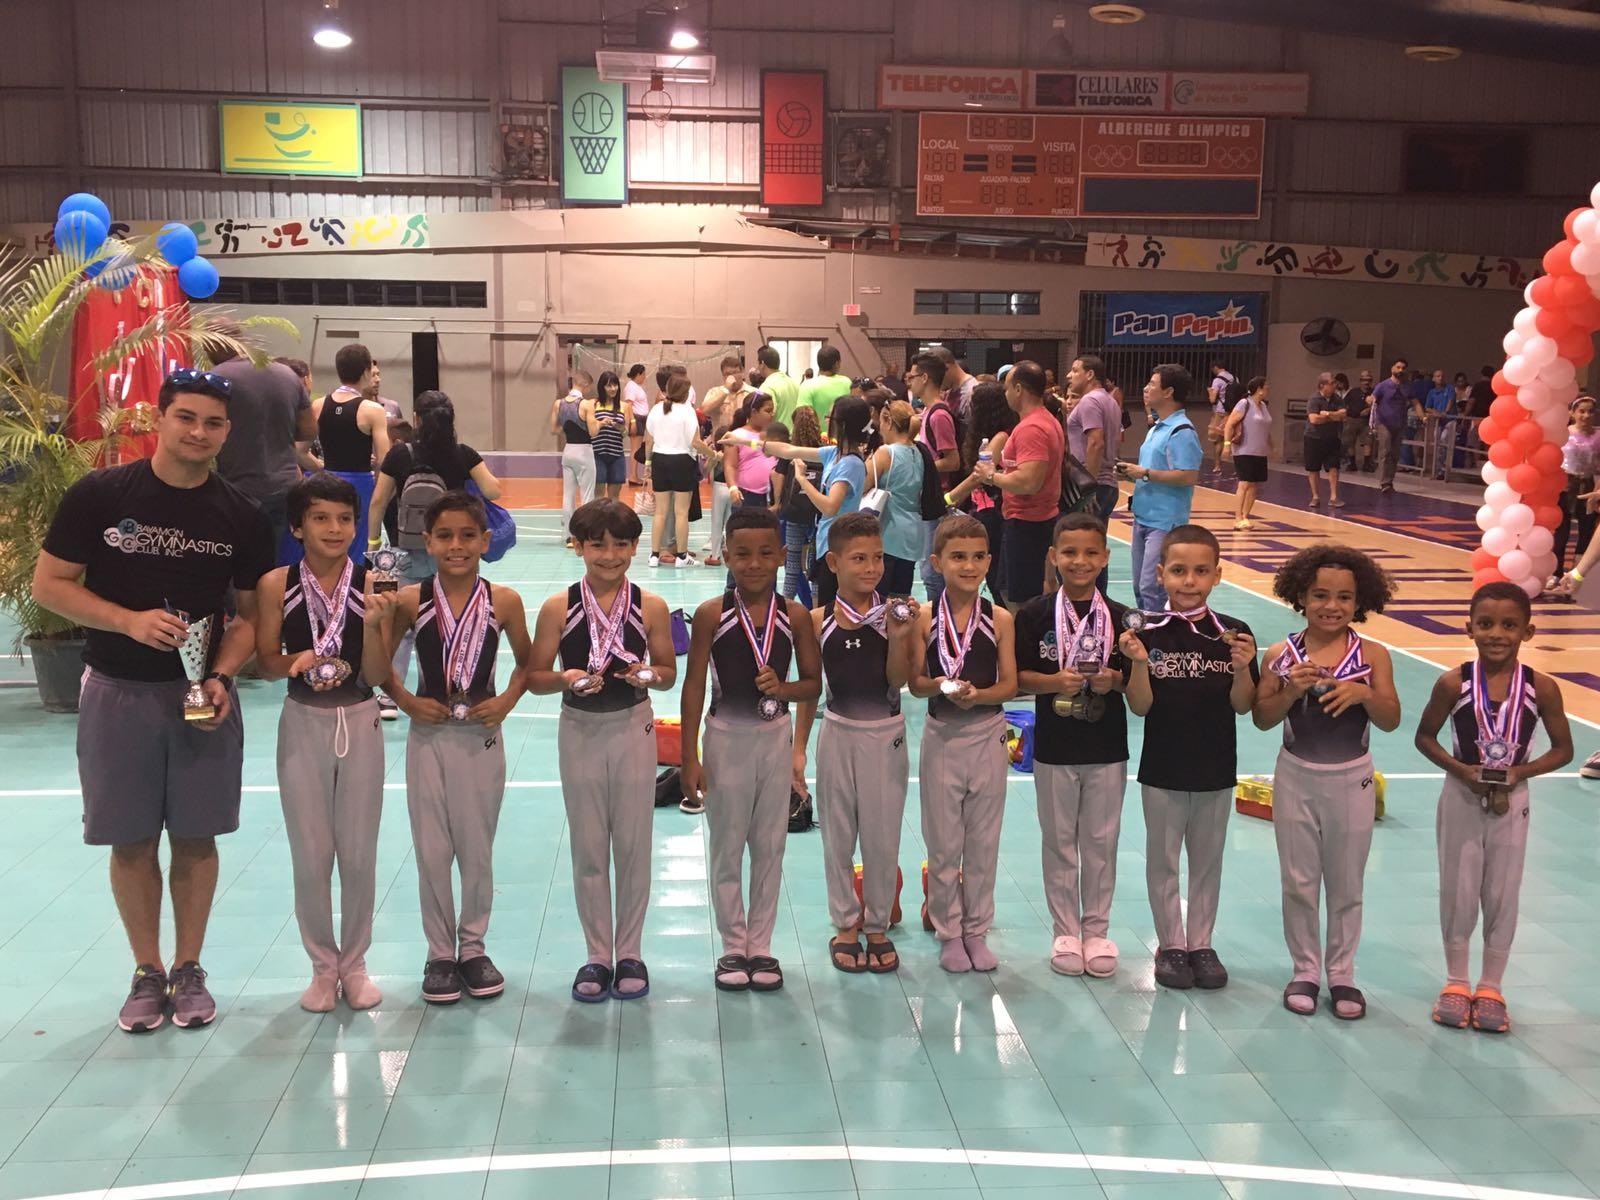 """El pasado 20 y 21 de mayo de 2017 se llevó a cabo la 6ta Copa CGAO (Club Gimnástico Albergue Olímpico), en el Albergue Olímpico de Salinas y el equipo de Bayamon Gymnastic Club logró sobre 76 medallas entre todos los niveles (1 al 5), femenino y masculino. El sábado 20 de mayo, comenzó la competencia con la rama femenina en donde las Vaqueras compitieron en los niveles 1 al 3, logrando sobre 26 medallas para el Club de Bayamón y a su vez el tercer lugar como equipo nivel 3. Lideradas por las entrenadoras Nashua Rivera y Katherine Cintrón, un total de 21 participantes representaron la Ciudad de Bayamón. En las premiaciones de Máximo Acumulador la joven Neymar Maldonado en nivel 3, edad 13up, logró el segundo lugar para su equipo. Akirah Pagán, en el mismo nivel, categoría 12up, se levantó con el tercer lugar de la competencia. En la categoría 10-11, nivel 2, el primer lugar fue para la Vaquera, Sophia Rivera. Kamila Díaz, logró el segundo lugar en la misma rama y categoría y Perla Maldonado el tercer lugar. Los varones entraron a competencia el domingo, 21 de mayo, y su gesta los hizo merecedores del segundo lugar como equipo en la categoría de nivel 4. 11 miembros del equipo de los cuales 10 pertenecen a la Gimnasia Artística Masculina nivel 4 y 1 al nivel 5, demostraron el talento que se cosecha en el Bayamon Gymnastic Club. Los chicos, junto a sus entrenadores Jan Sosa y Luis Natal, lograron un total de 47 medallas para su equipo. 10 de estas fueron primeros lugares, 6 segundos y 9 terceros. El Máximo Acumulador de puntos fue Akim Polanco en la categoría de 5-6 años nivel 4 obteniendo el primer lugar. Yosuet Rivera en la categoría 8-9 años nivel 4 logró el tercer lugar. Zeus Gonzalez en el nivel 4, categoría 10-11, logró el segundo lugar y Luis Berrios en la categoría 12up, nivel 5, se llevó el tercer lugar. """"Se siente bien espectacular, es un orgullo para todos los que formamos parte del Club. Ver como en tan poco tiempo hemos podido levantar tantos jóvenes a tra"""